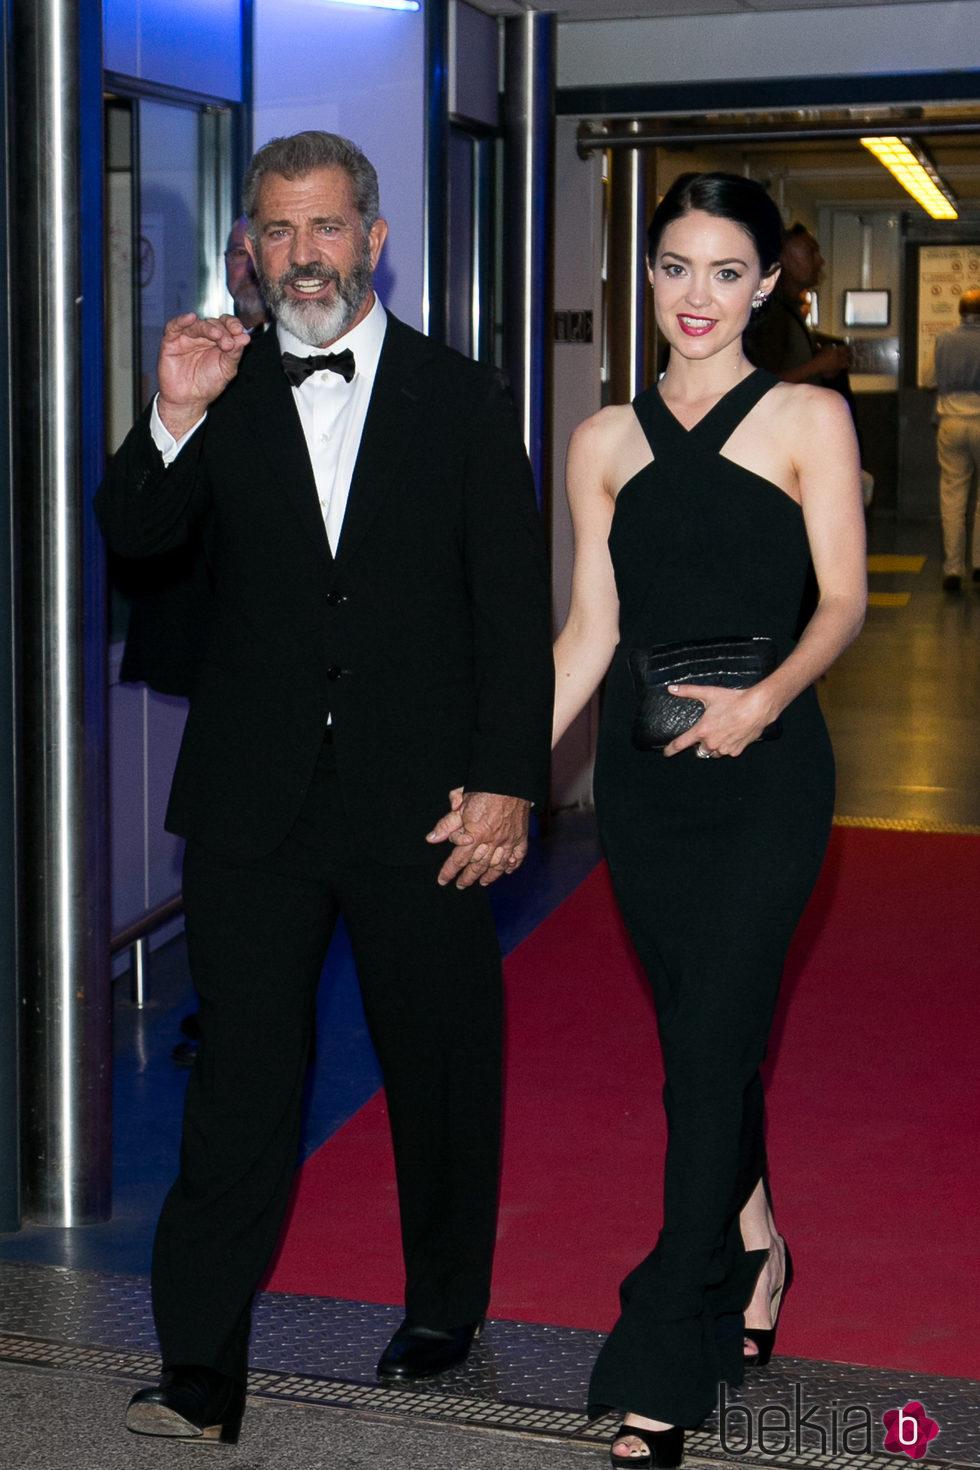 Mel Gibson y Rossalind Ross cogidos de la mano en la clausura del Festival de Cannes 2016